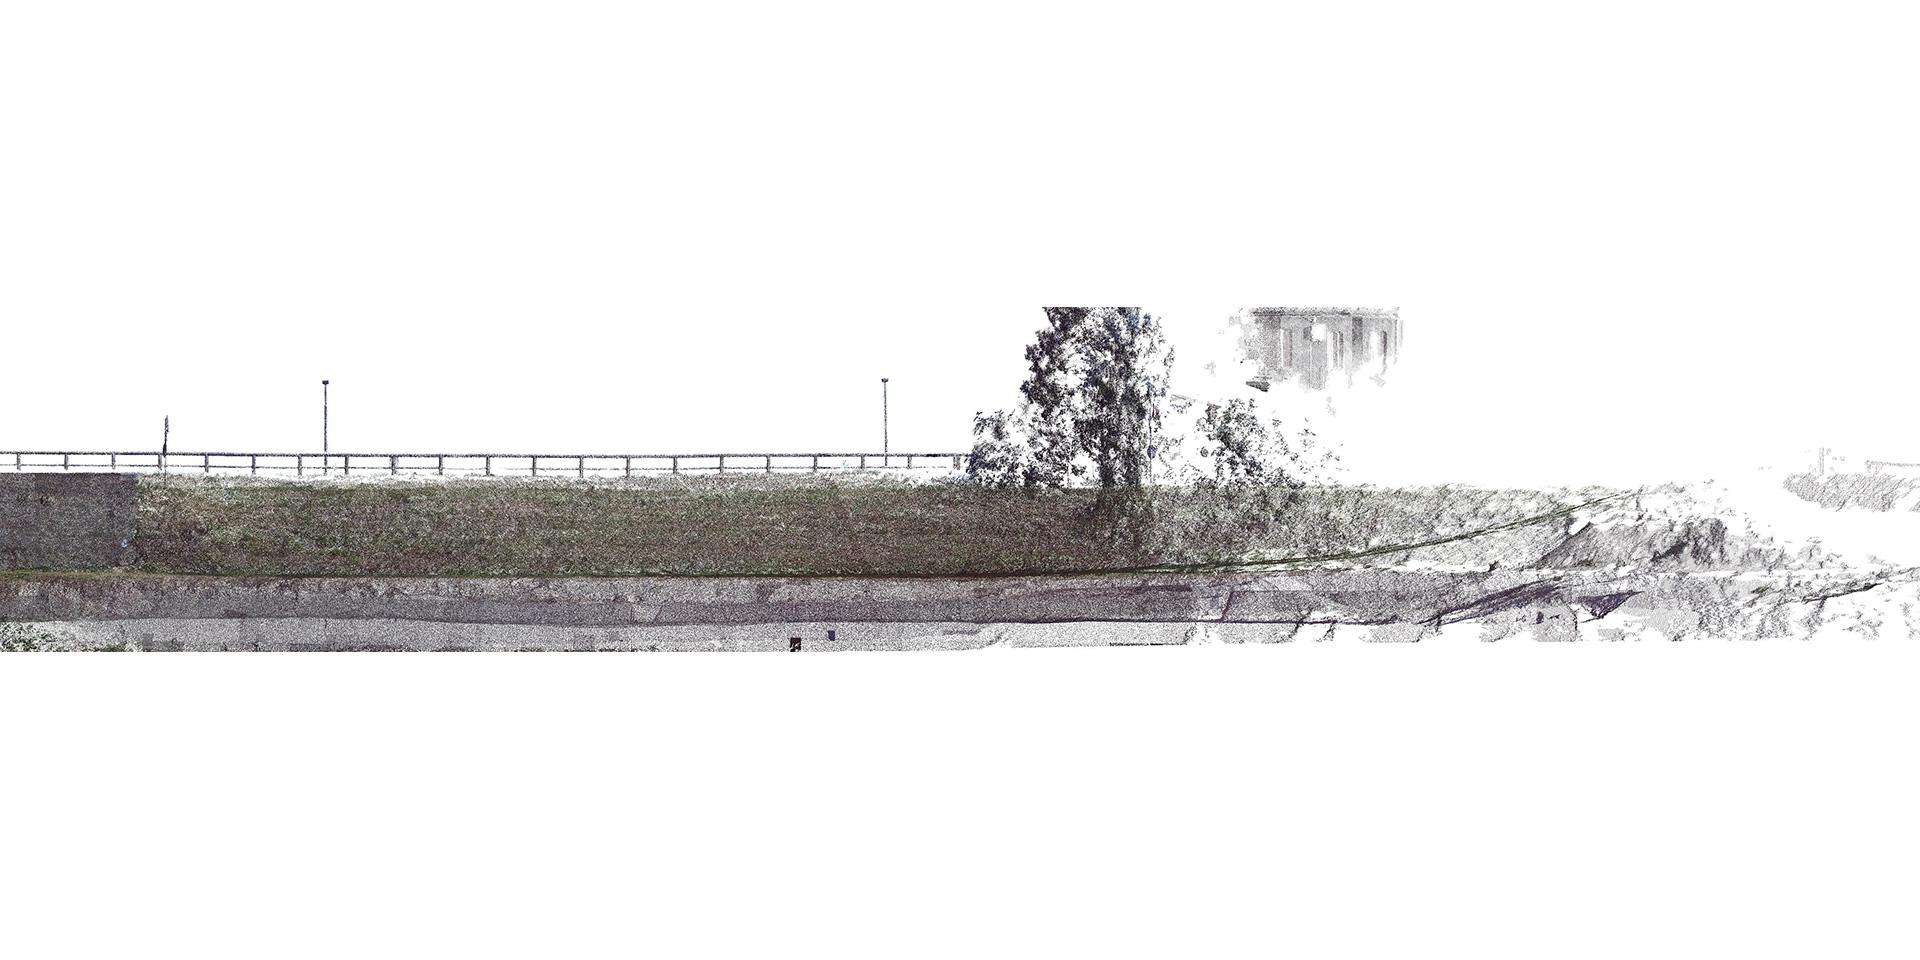 Sistemazione argine e conca a Bomporto, Binini Partners, Società di architettura e ingegneria